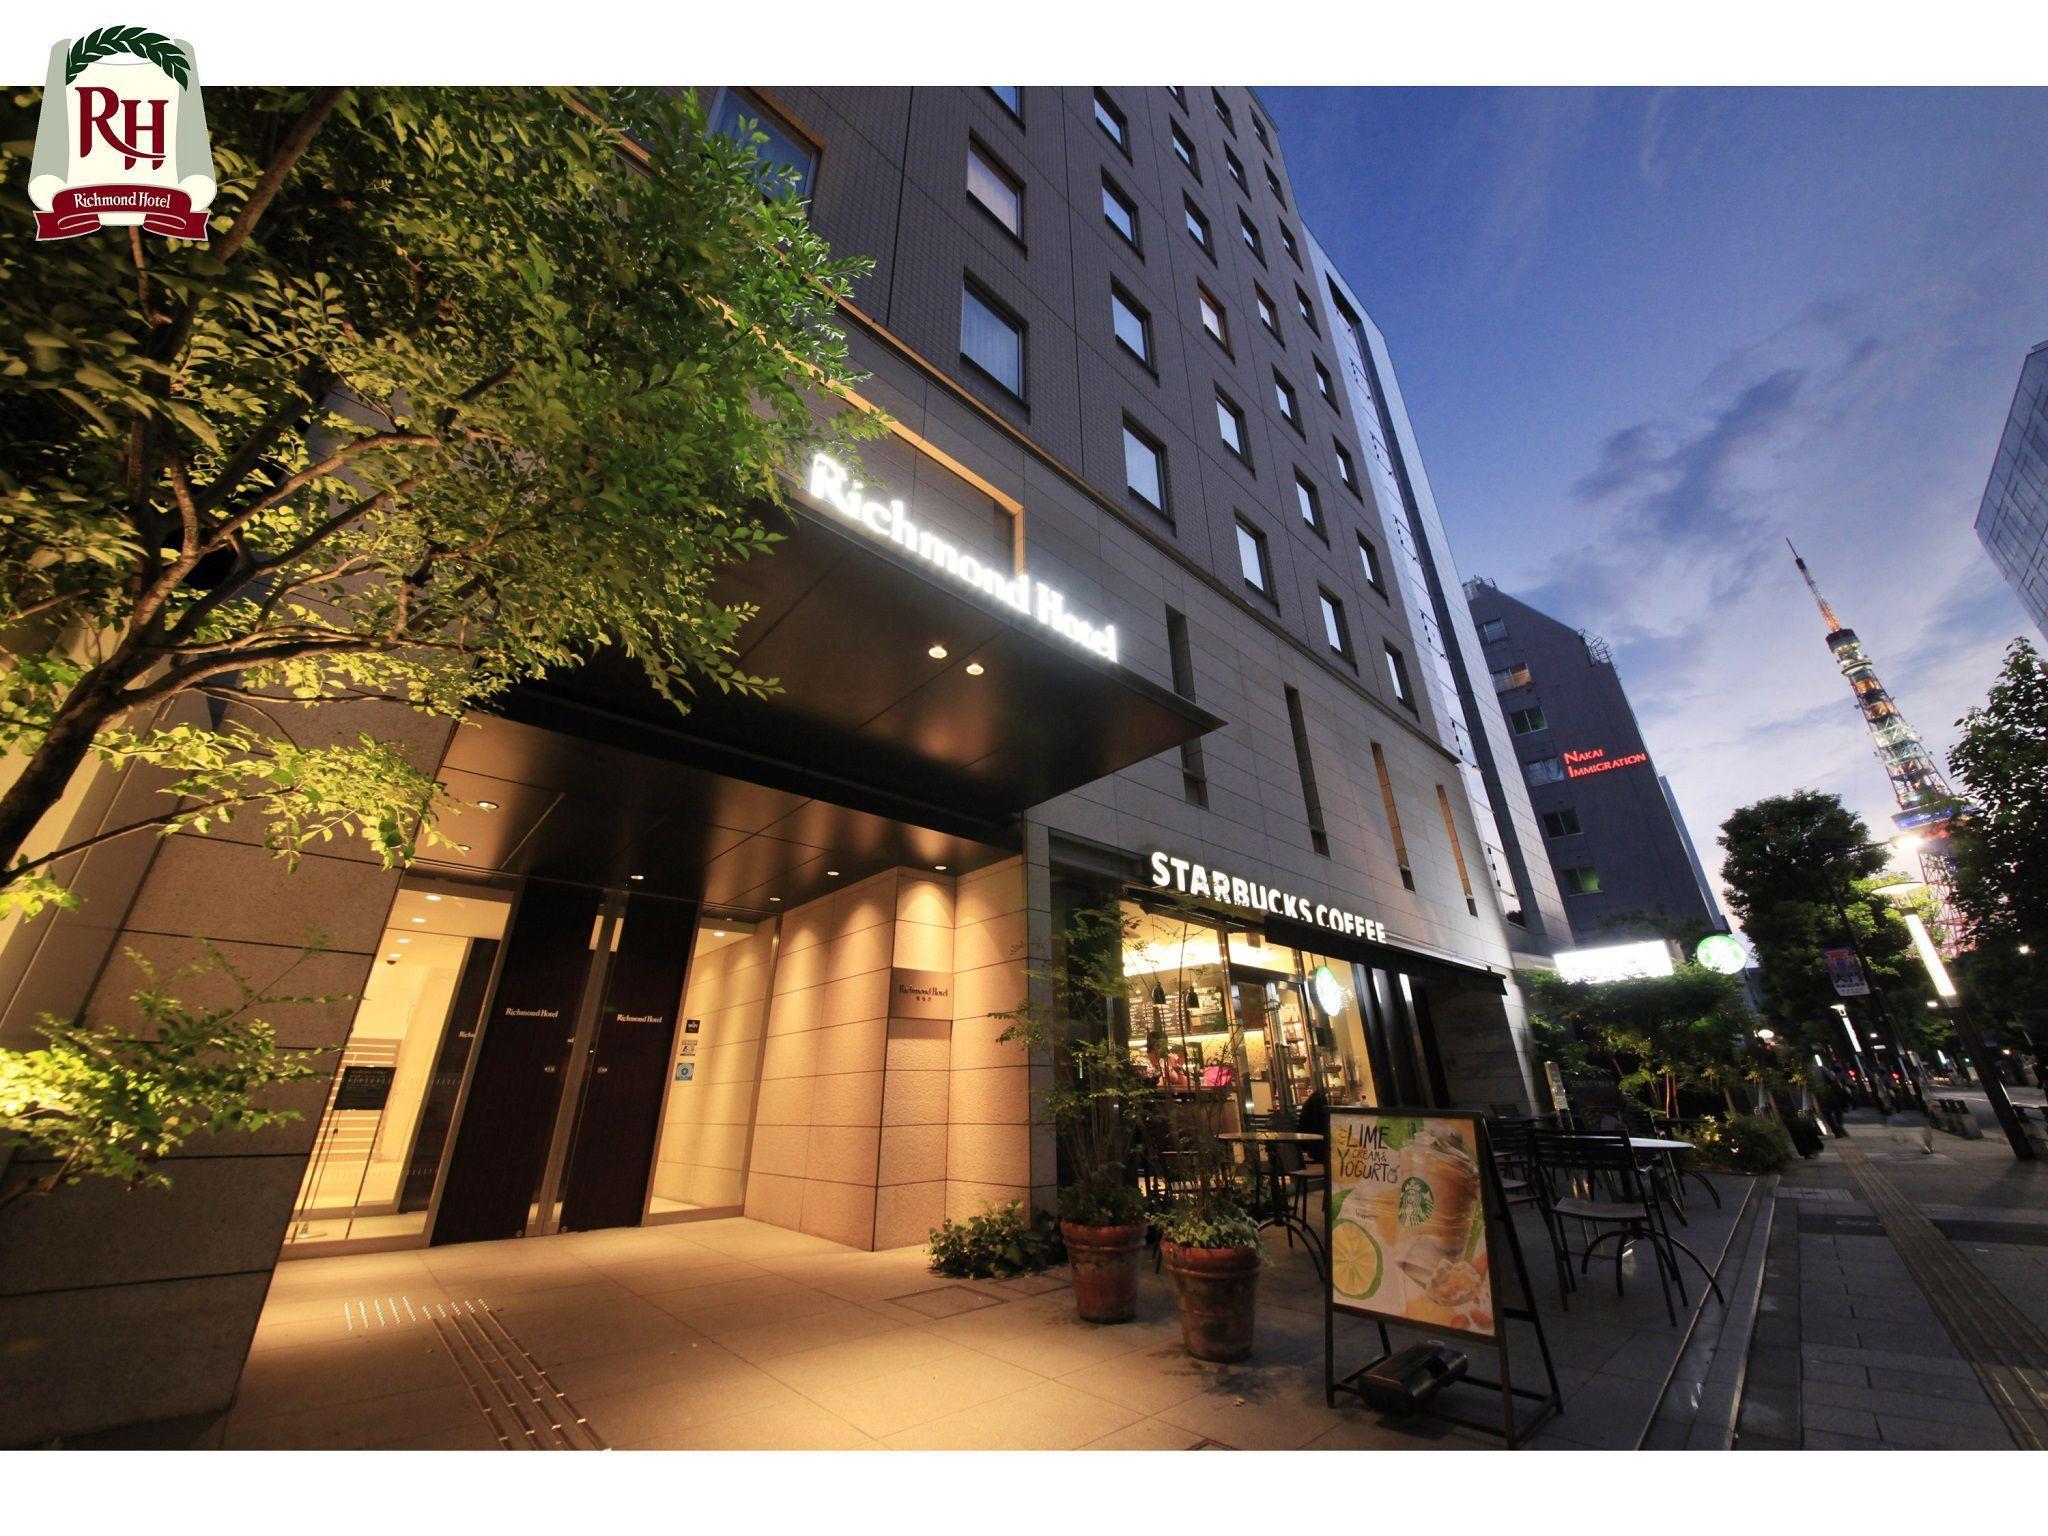 リッチモンドホテル東京芝 (Richmond Hotel Tokyo Shiba)|クチコミあり ...